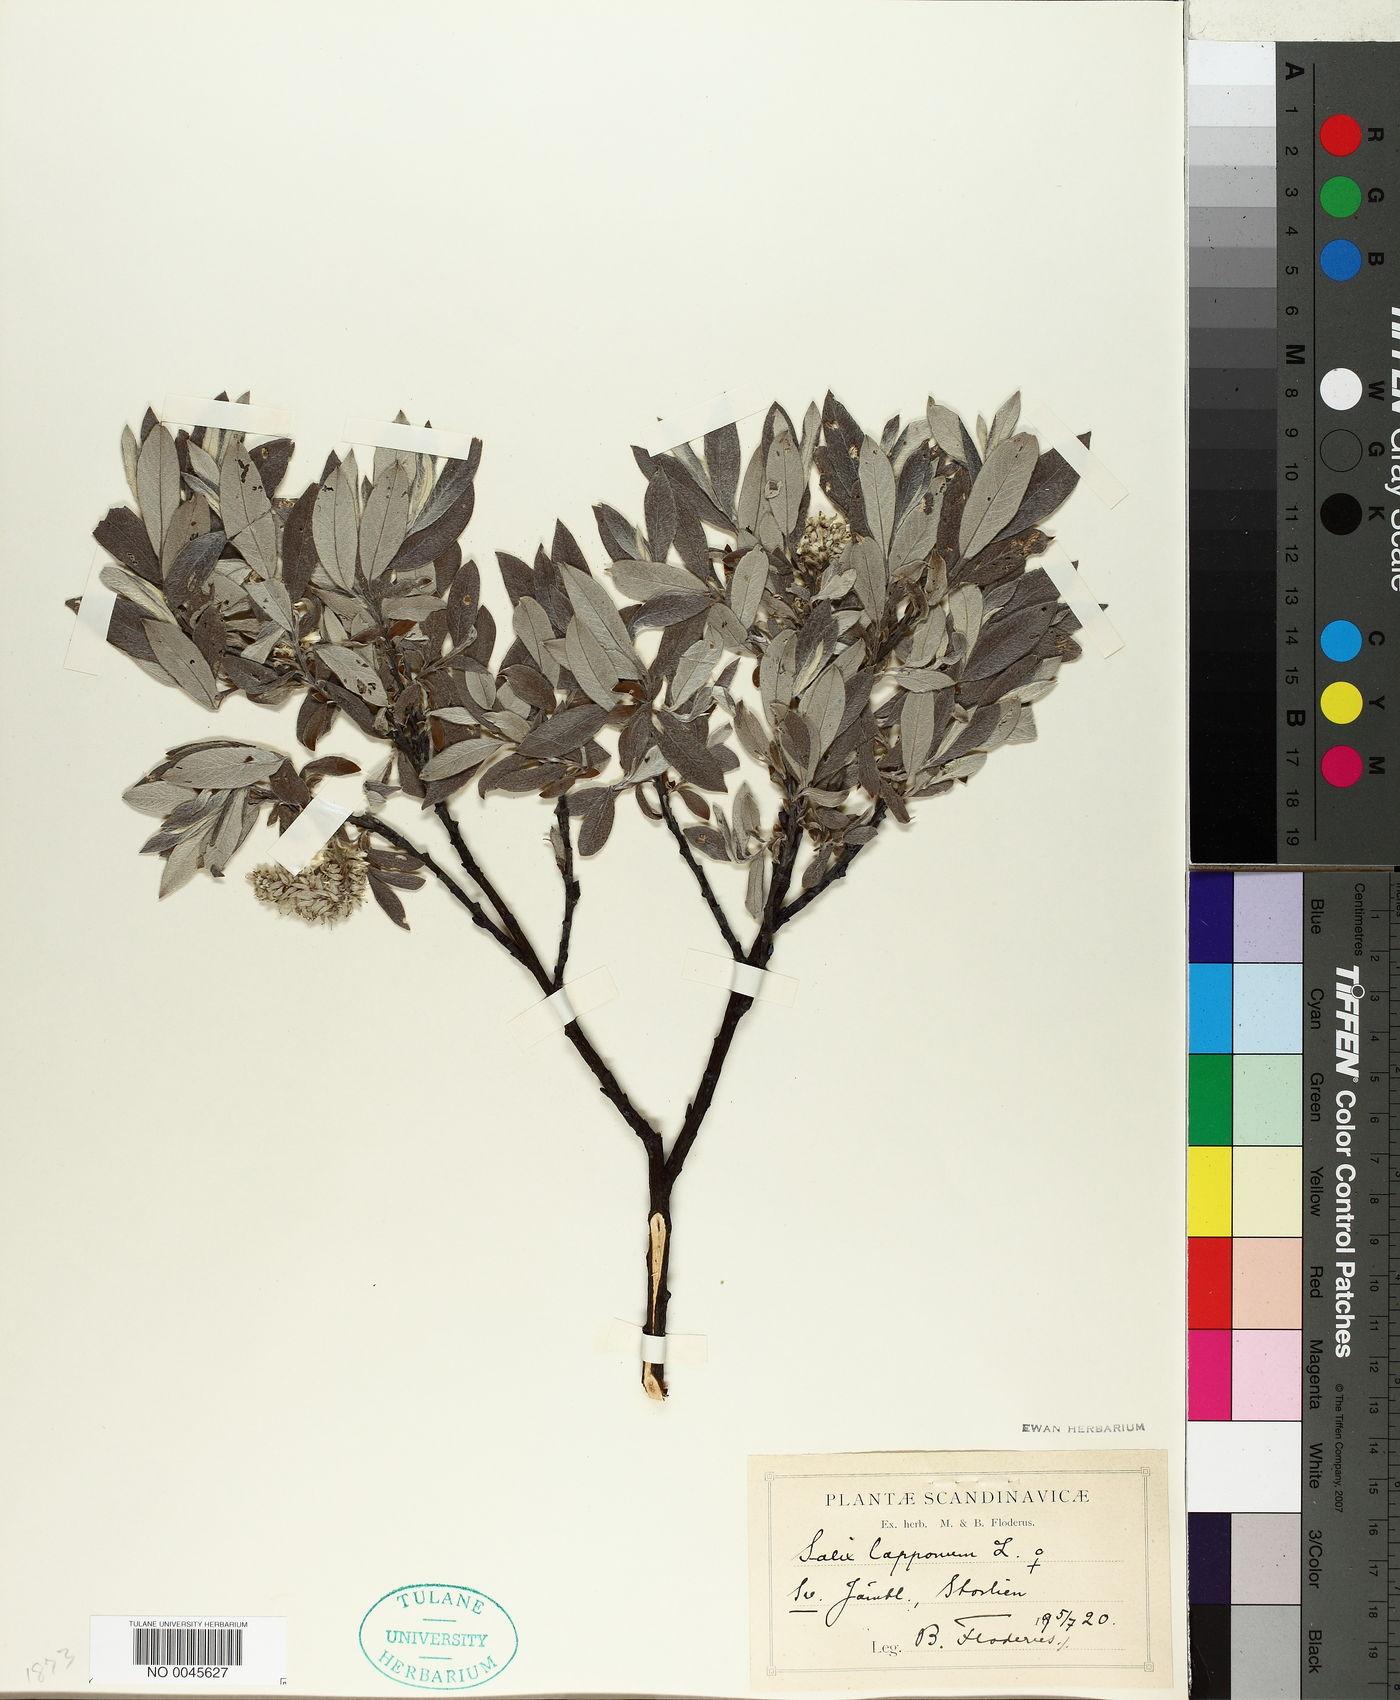 Salix lapponum image